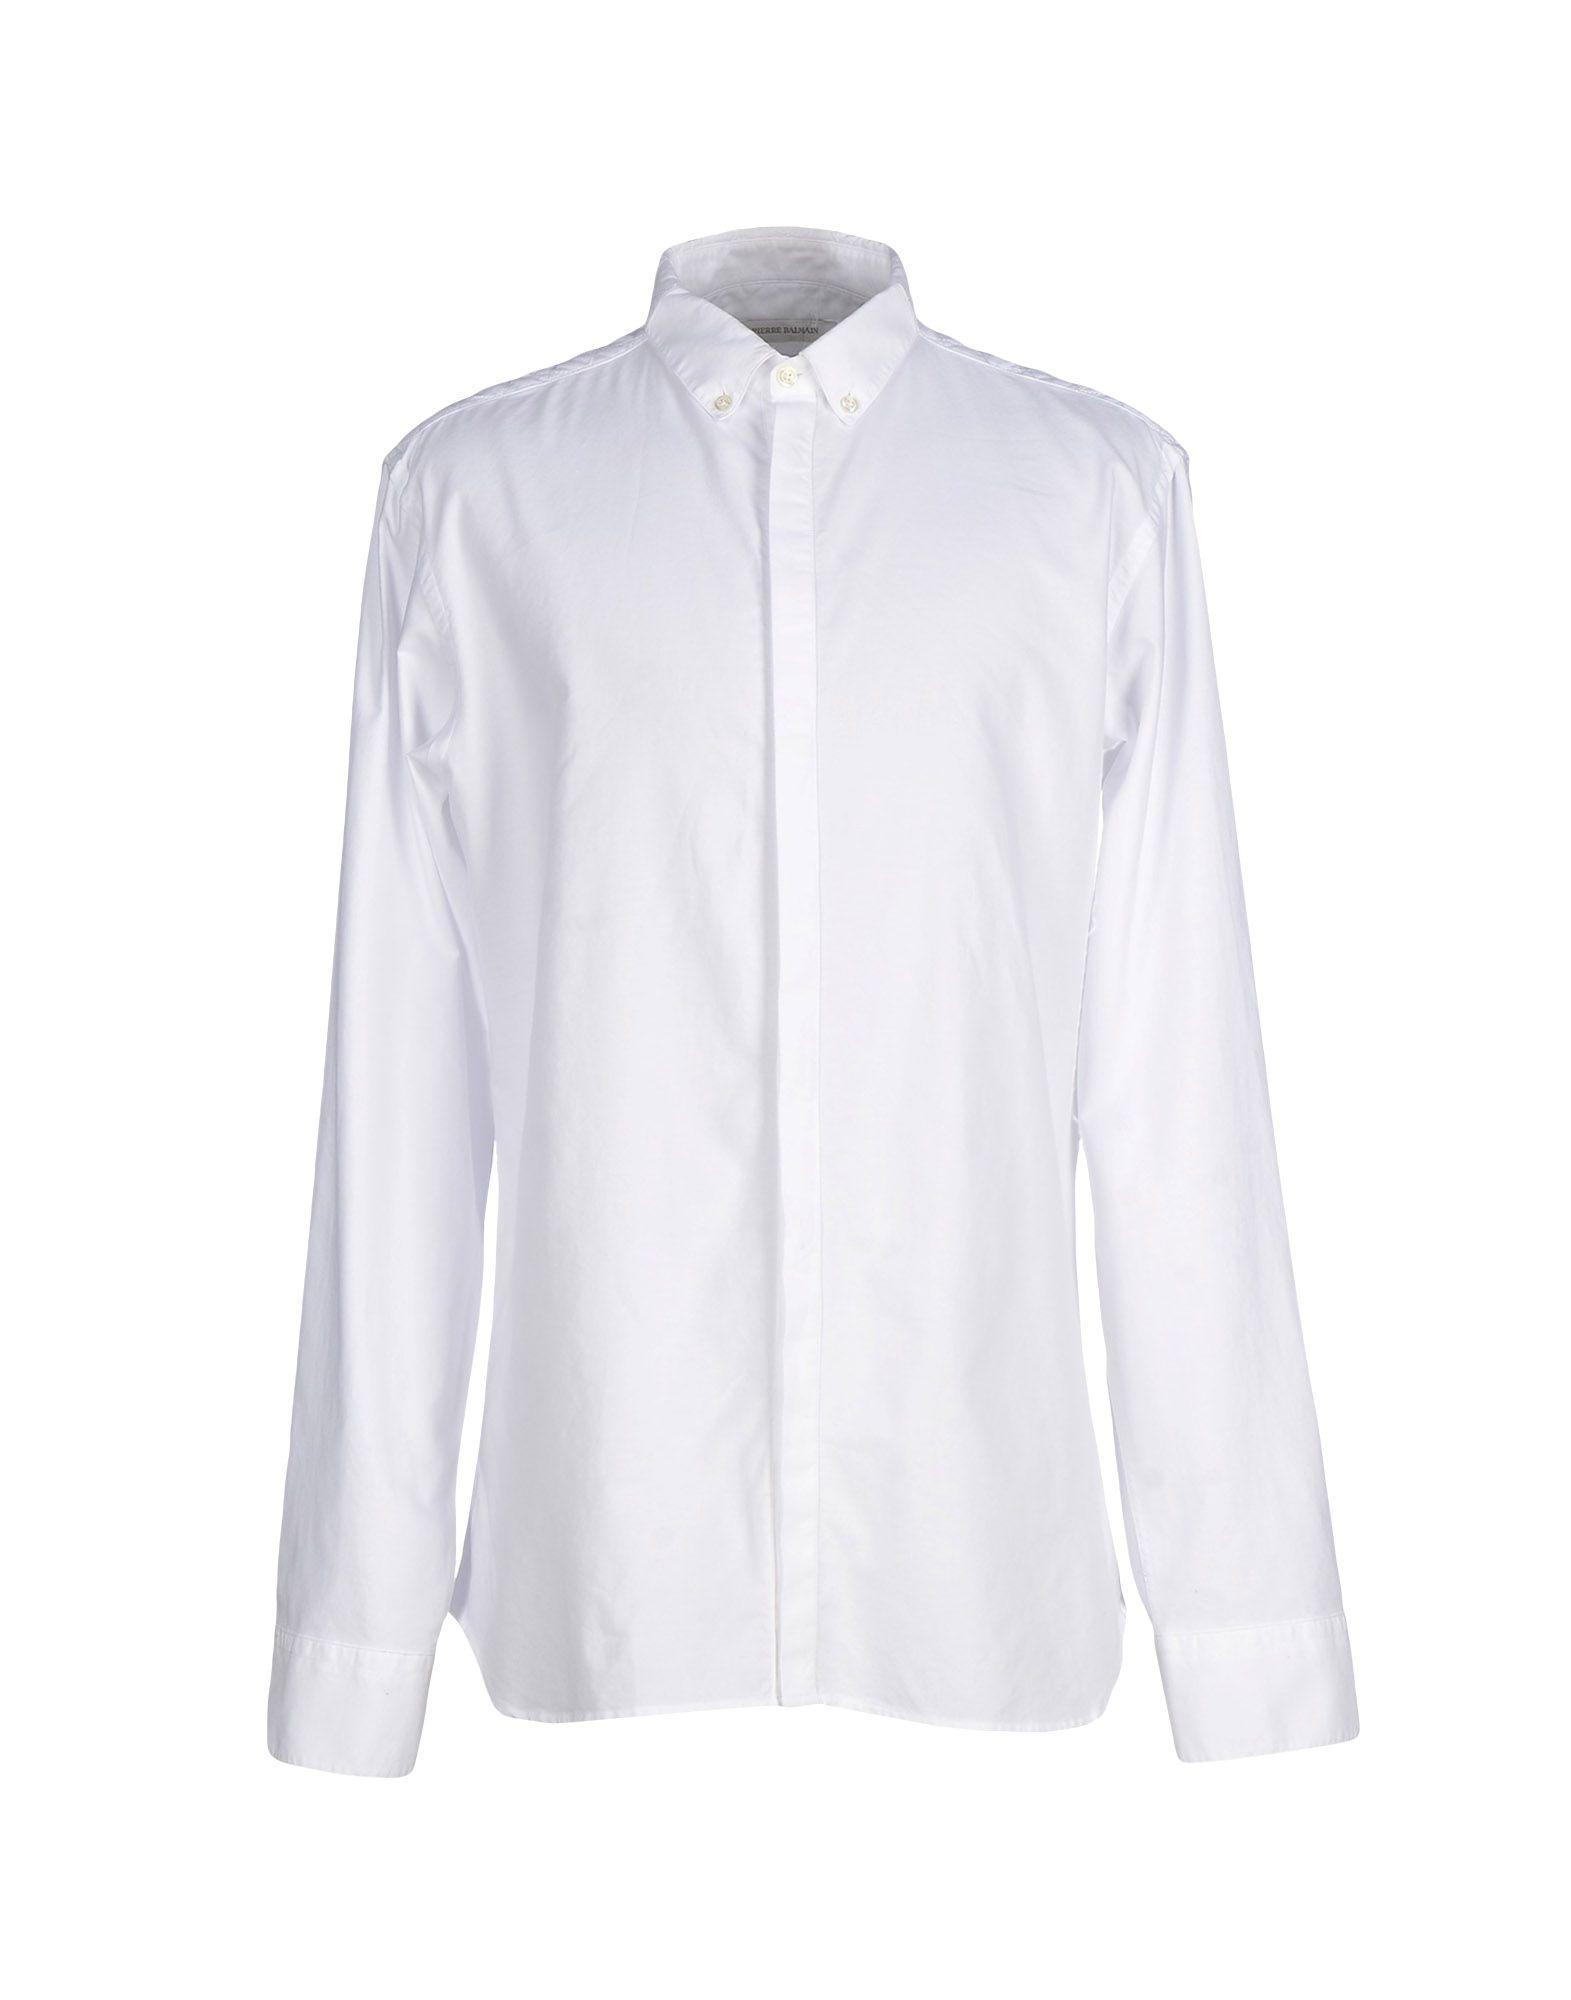 《送料無料》PIERRE BALMAIN メンズ シャツ ホワイト 43 コットン 100%